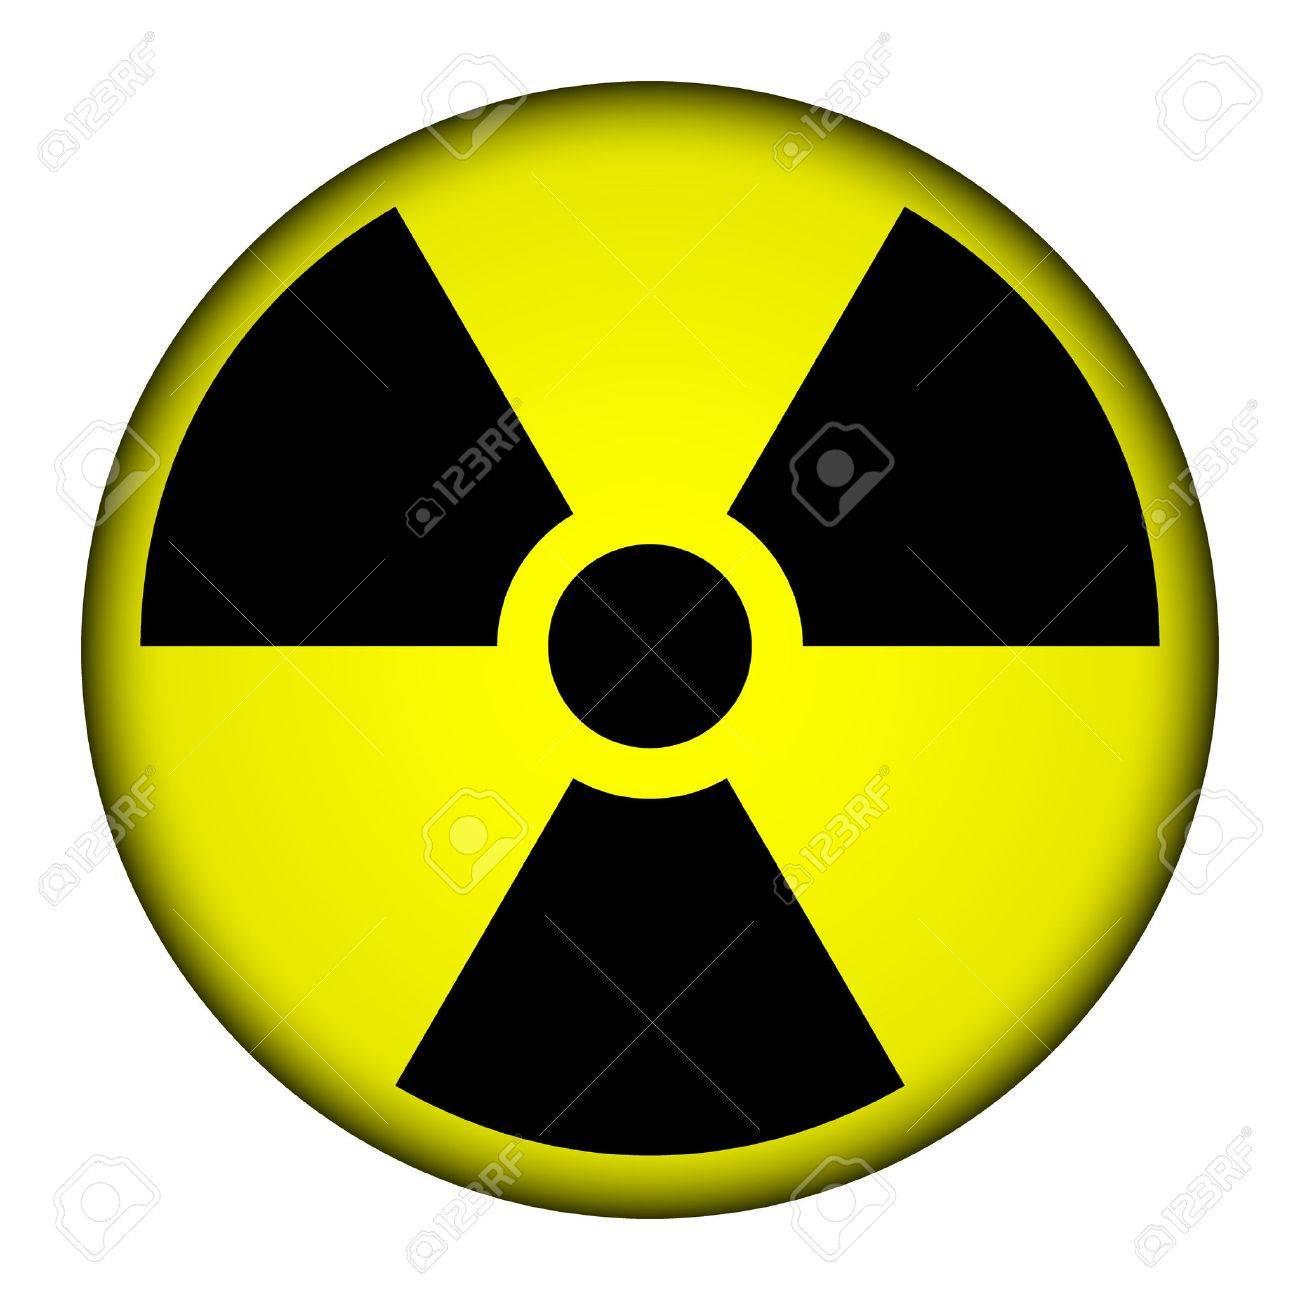 Radiation round button illustration. Stock Vector - 26708302